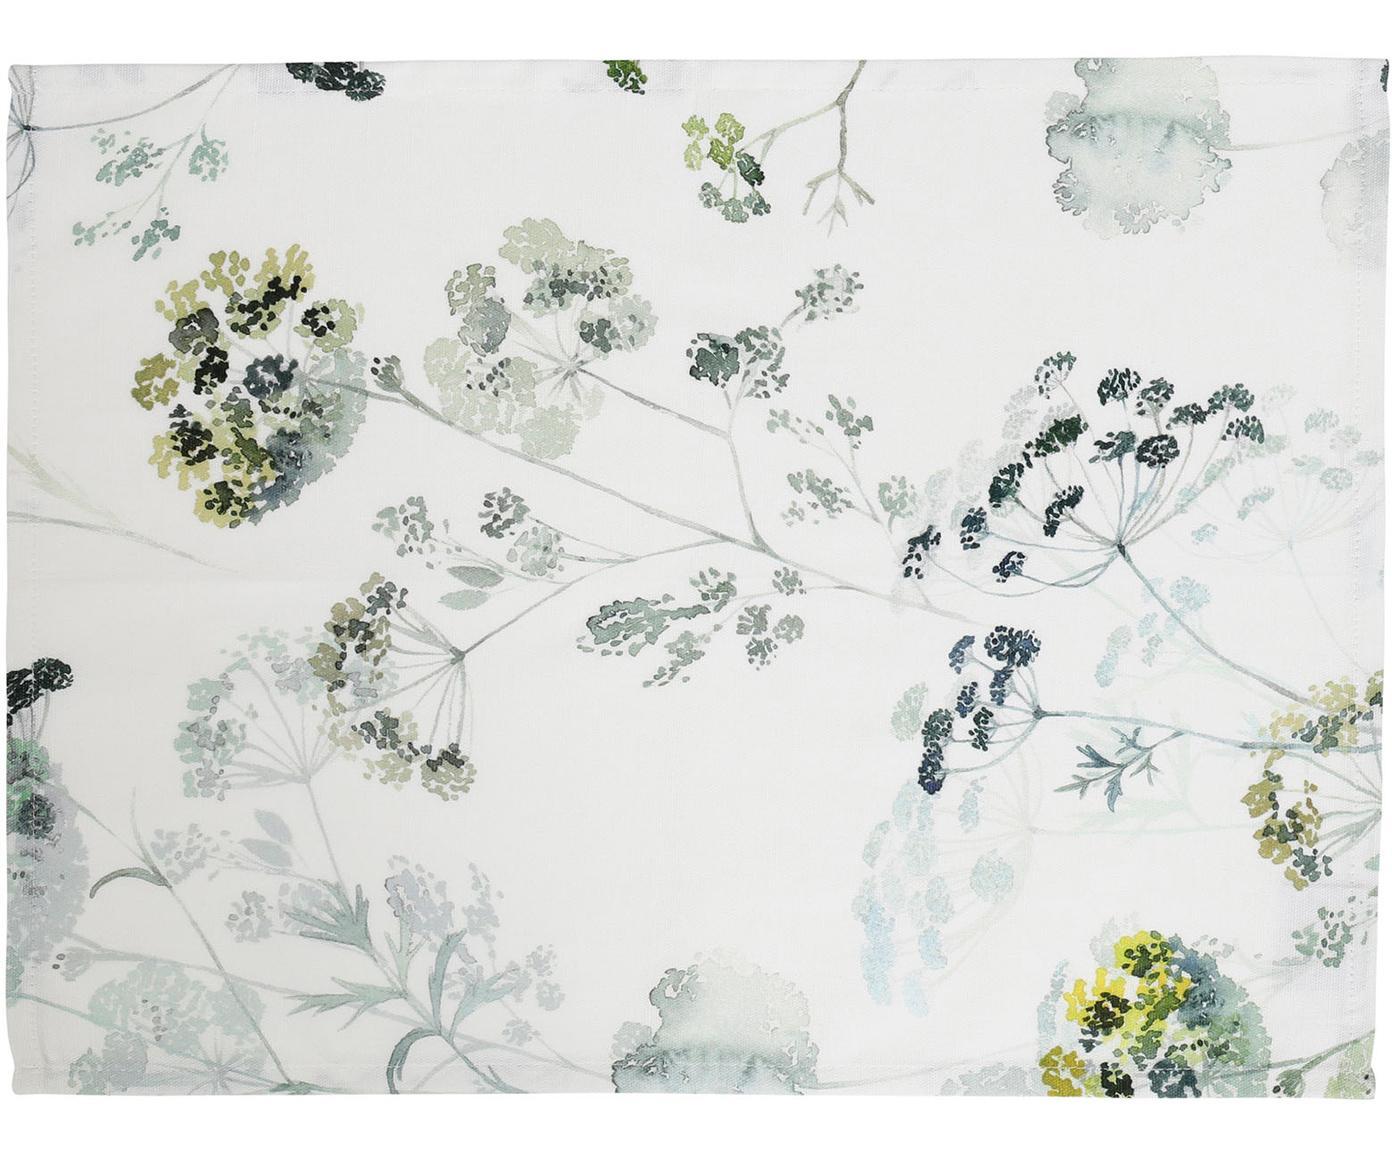 Podkładka Herbier, 2 szt., Bawełna, Biały, zielony, S 50 x D 38 cm